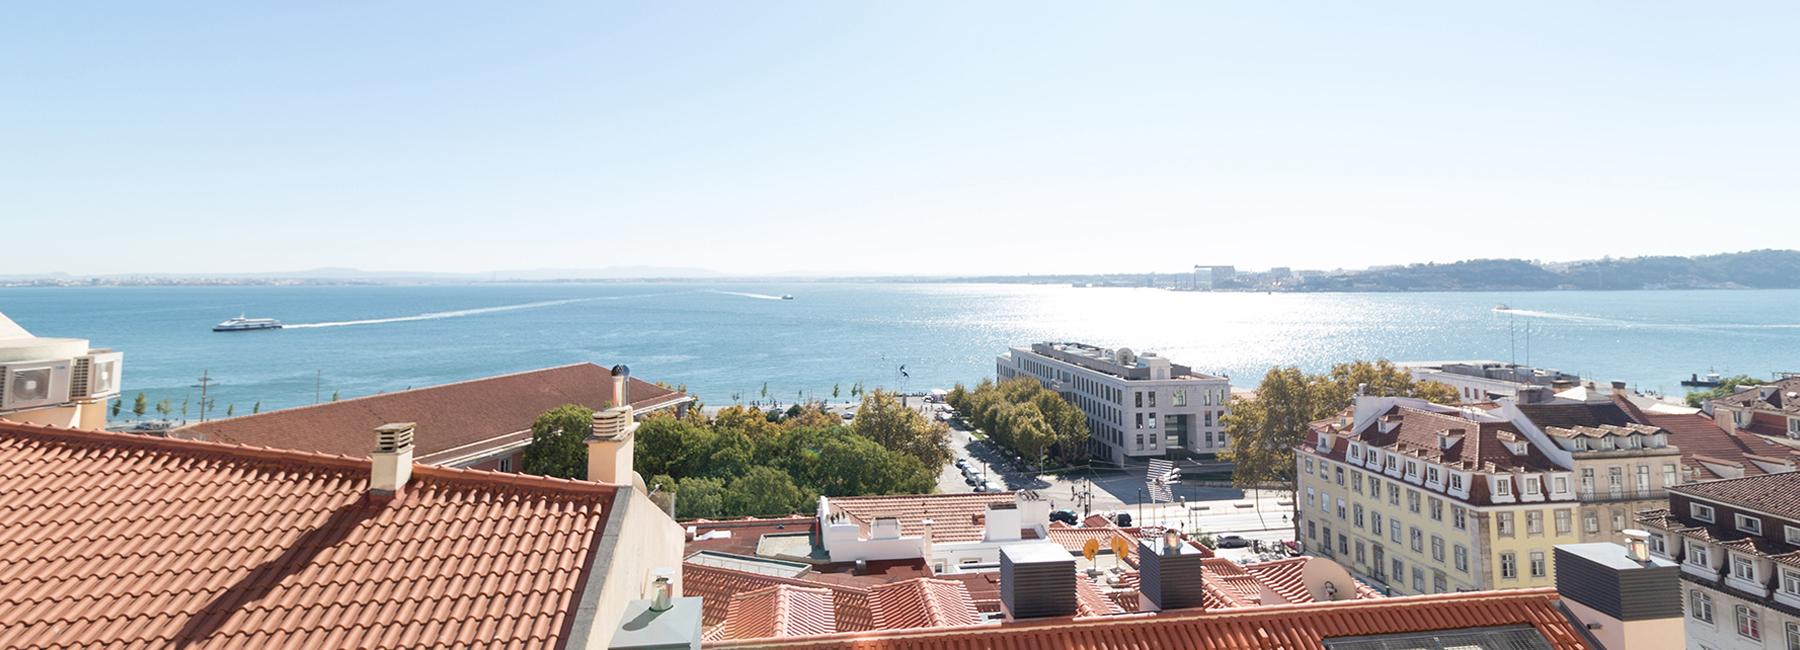 <a href='http://www.castelhana.pt/imovel/apartamento-t4-no-chiado-lisboa/?rid=7184757' target='_blank'>Chiado - Apartamento T4</a>